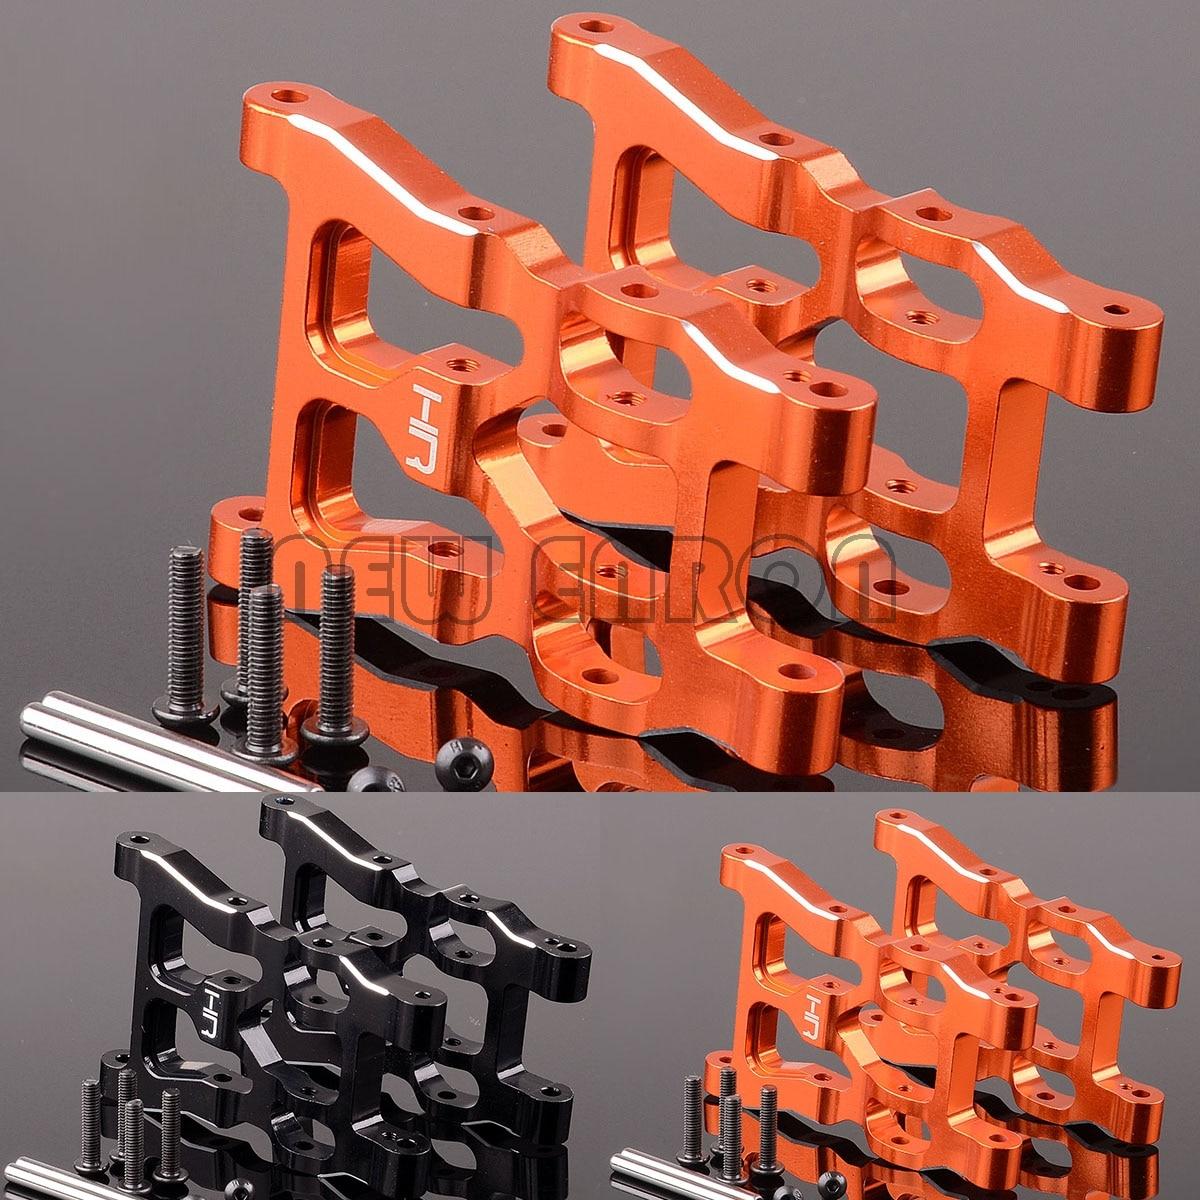 NEW ENRON 2P ALUMINUM Alloy Front/Rear Lower Suspension Arm #105289 HPI MINI SAVAGE XS FLUX SXS5501